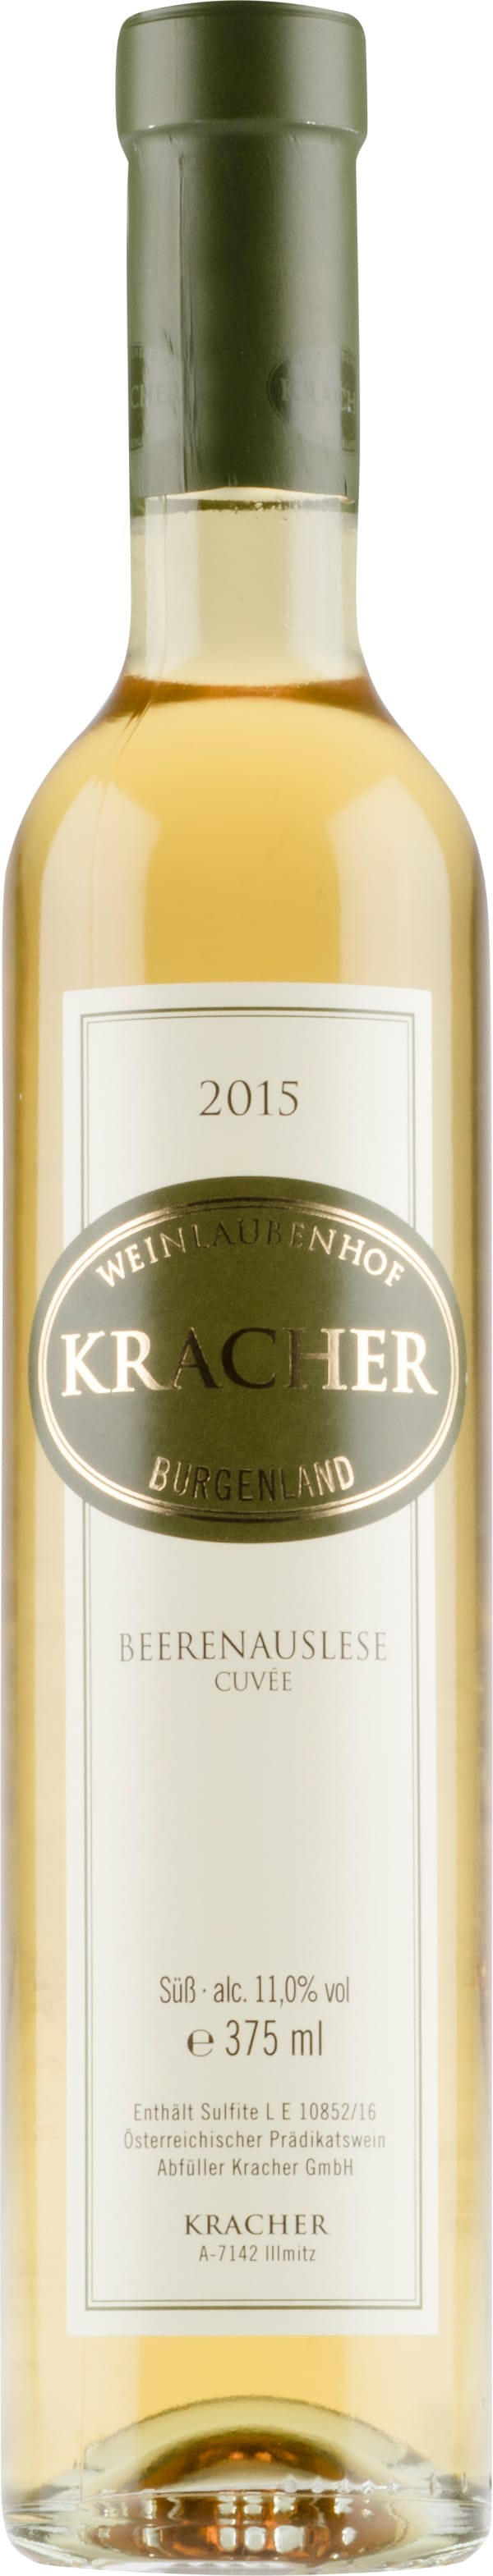 Kracher Cuvée Beerenauslese 2015